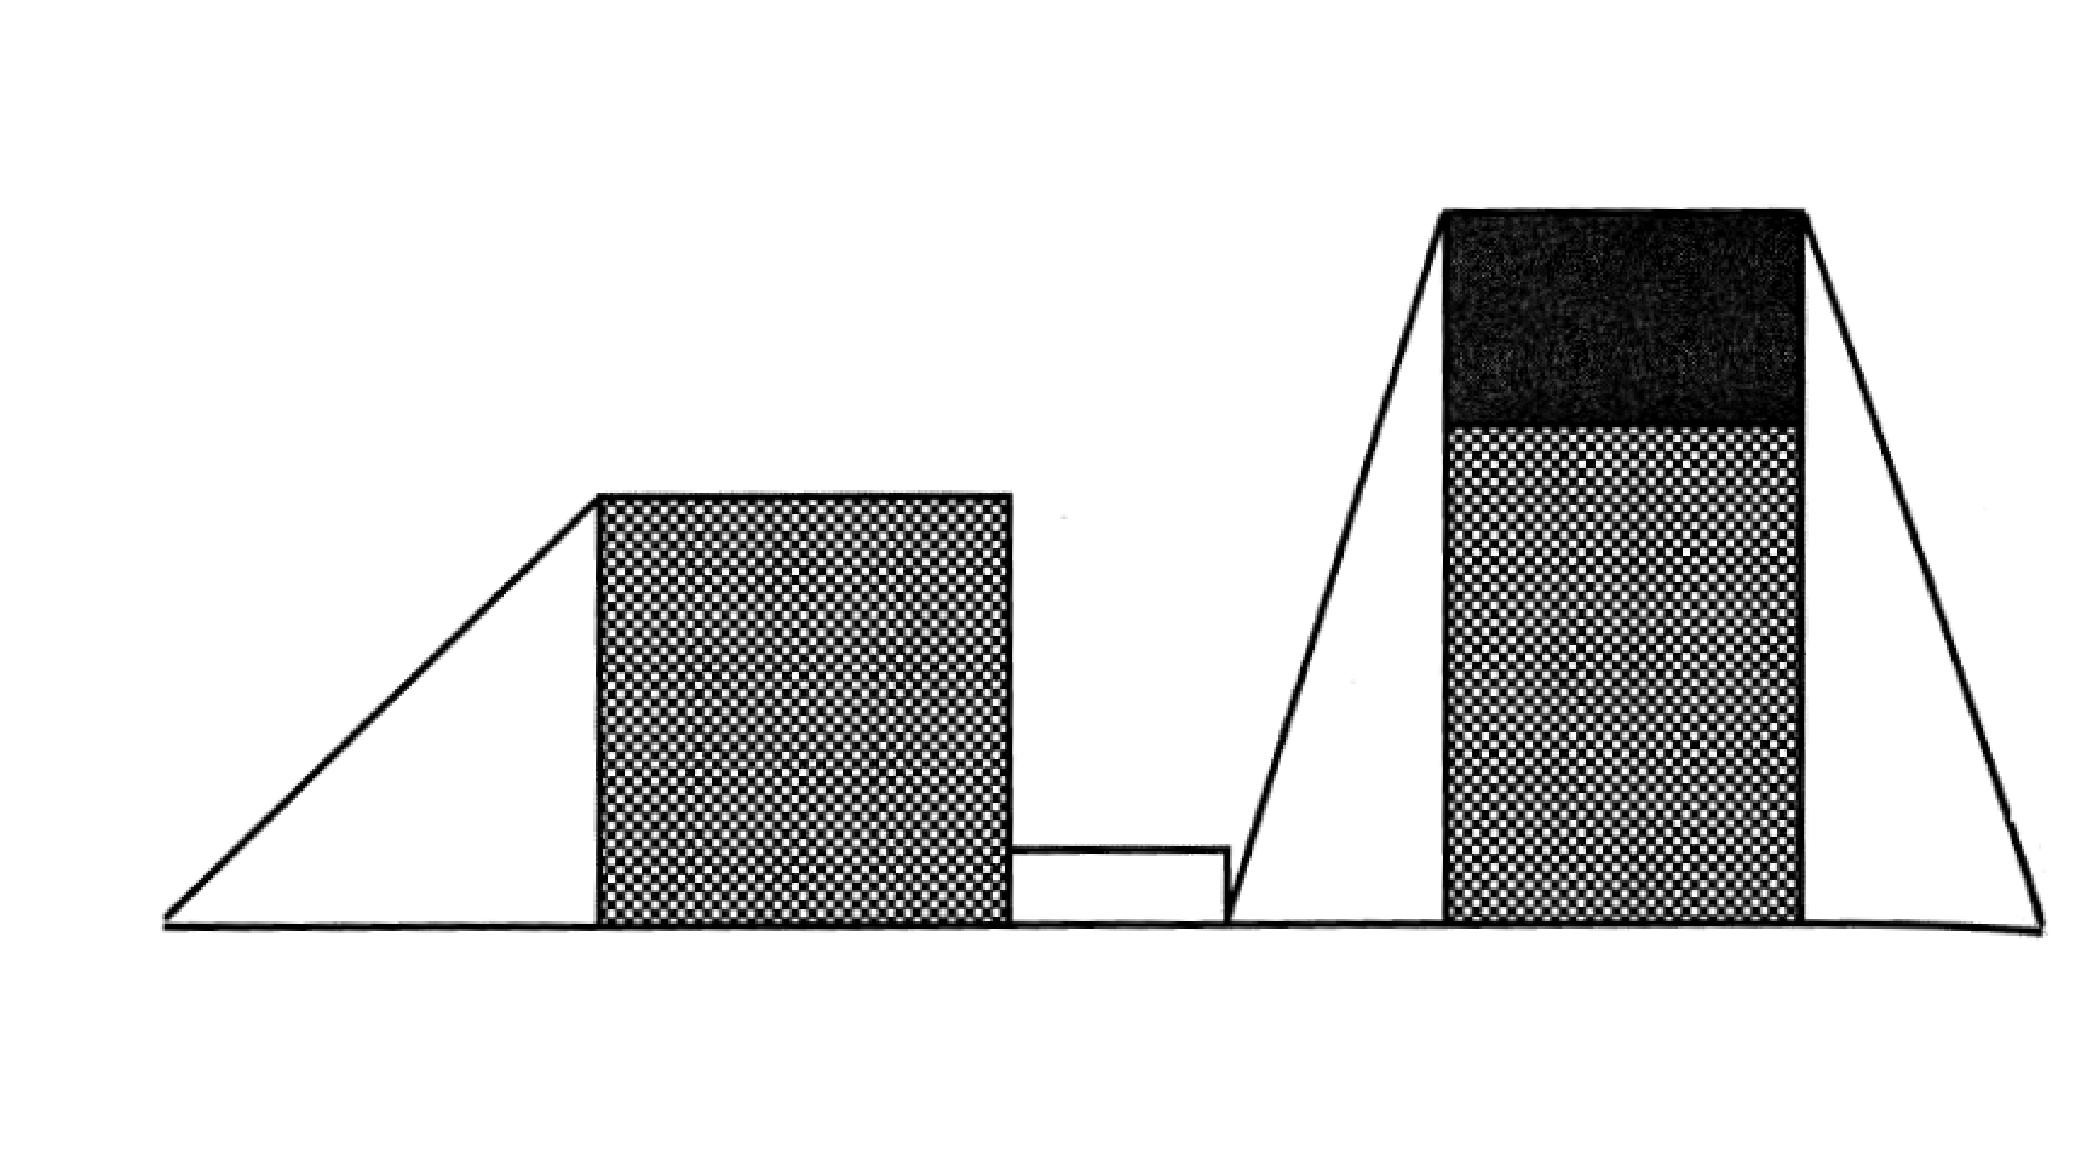 Adams, Figure 2